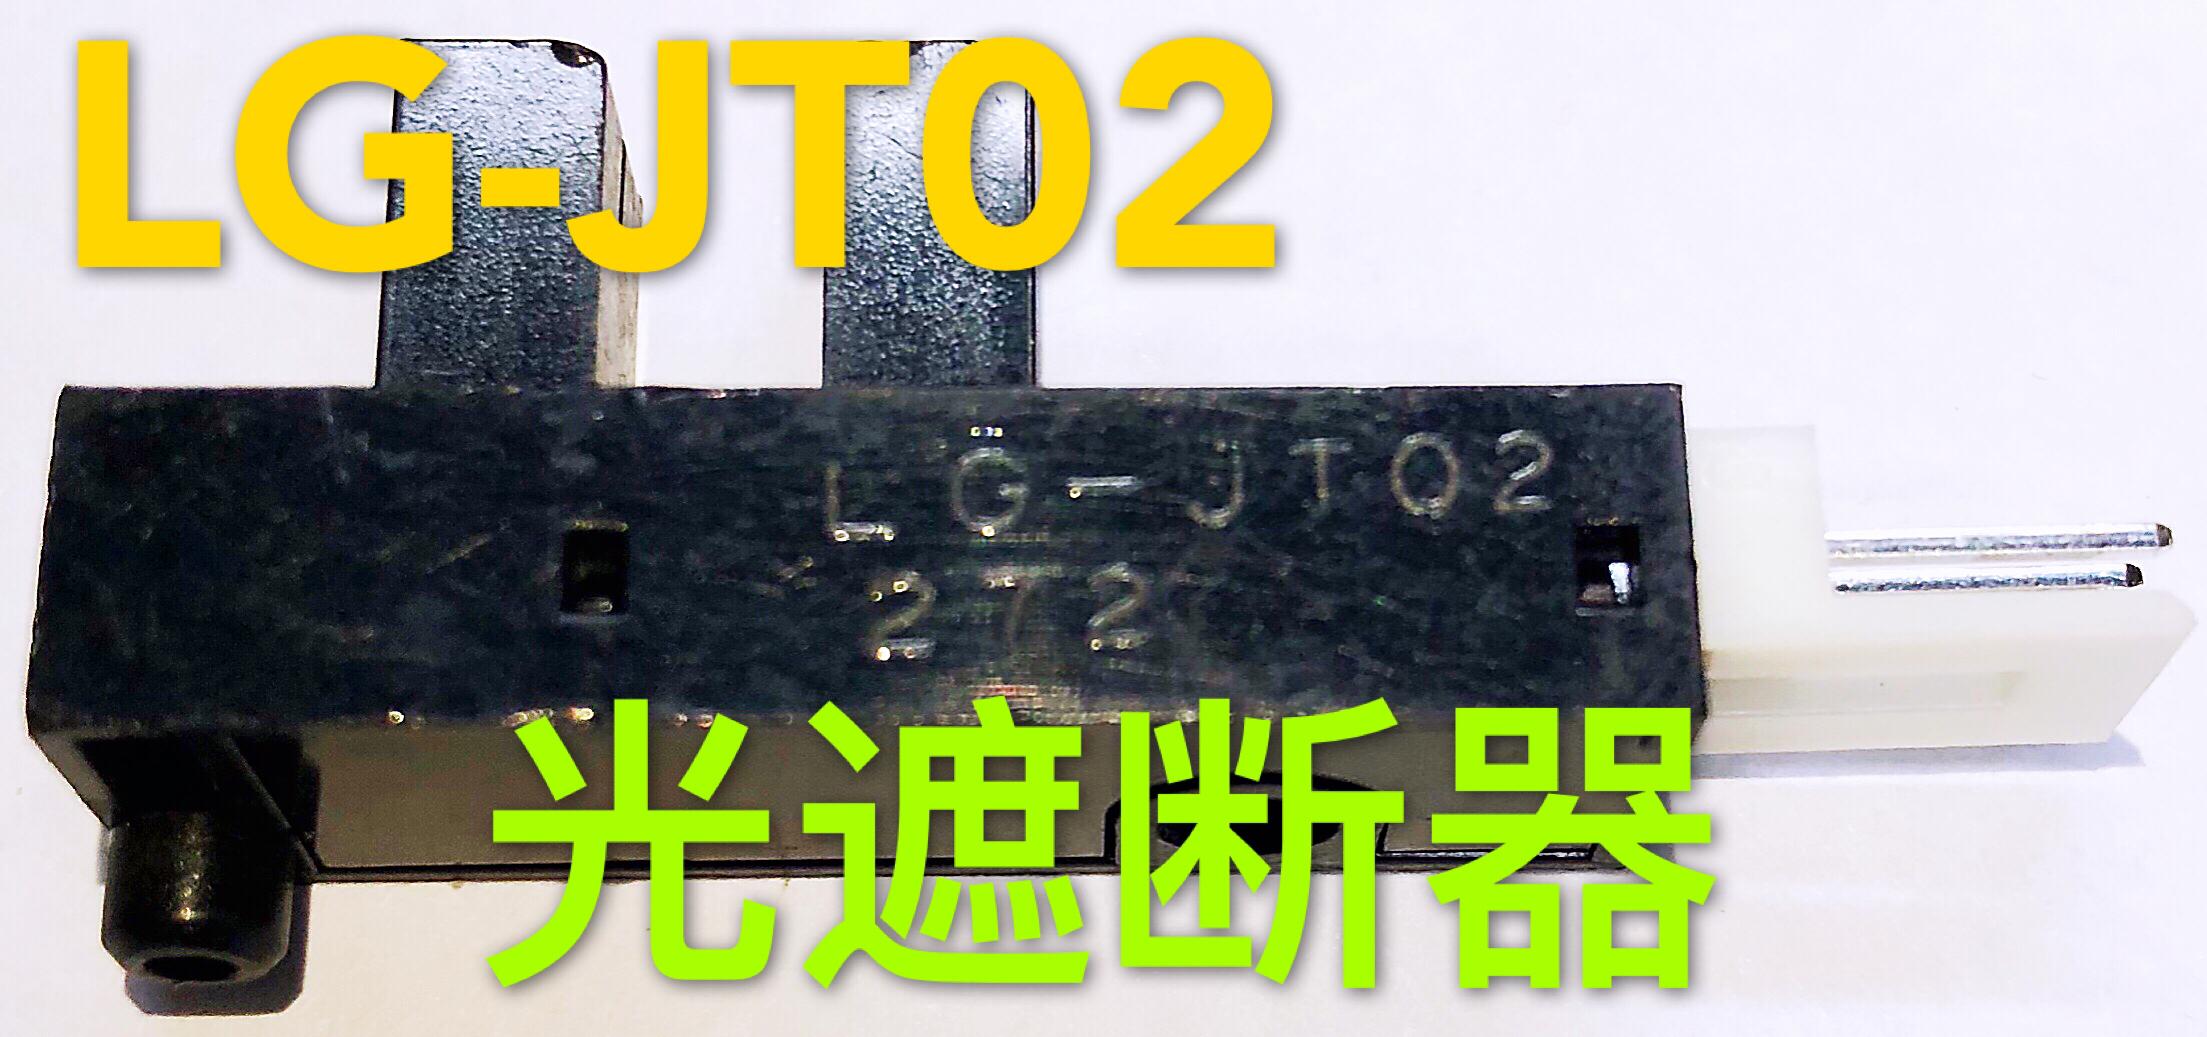 光遮断器LG-JT 02光断続器透過型光電センサー対射型光電スイッチ結合